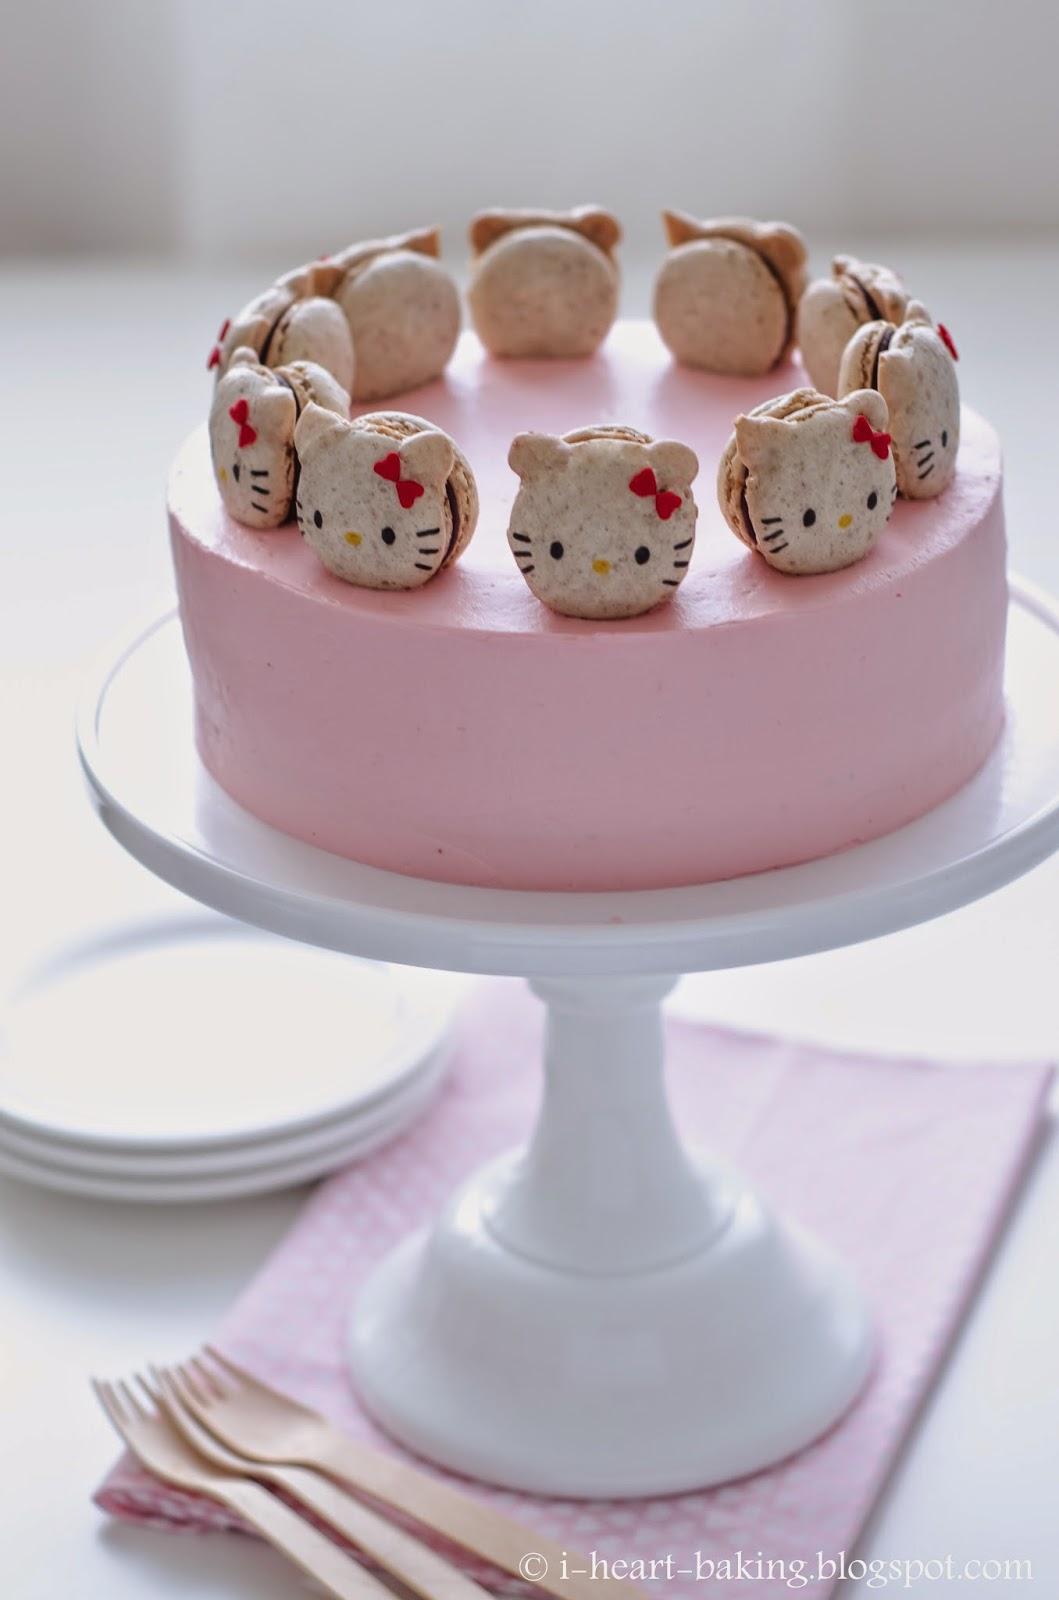 I Heart Baking Hello Kitty Macaron Cake With Neapolitan